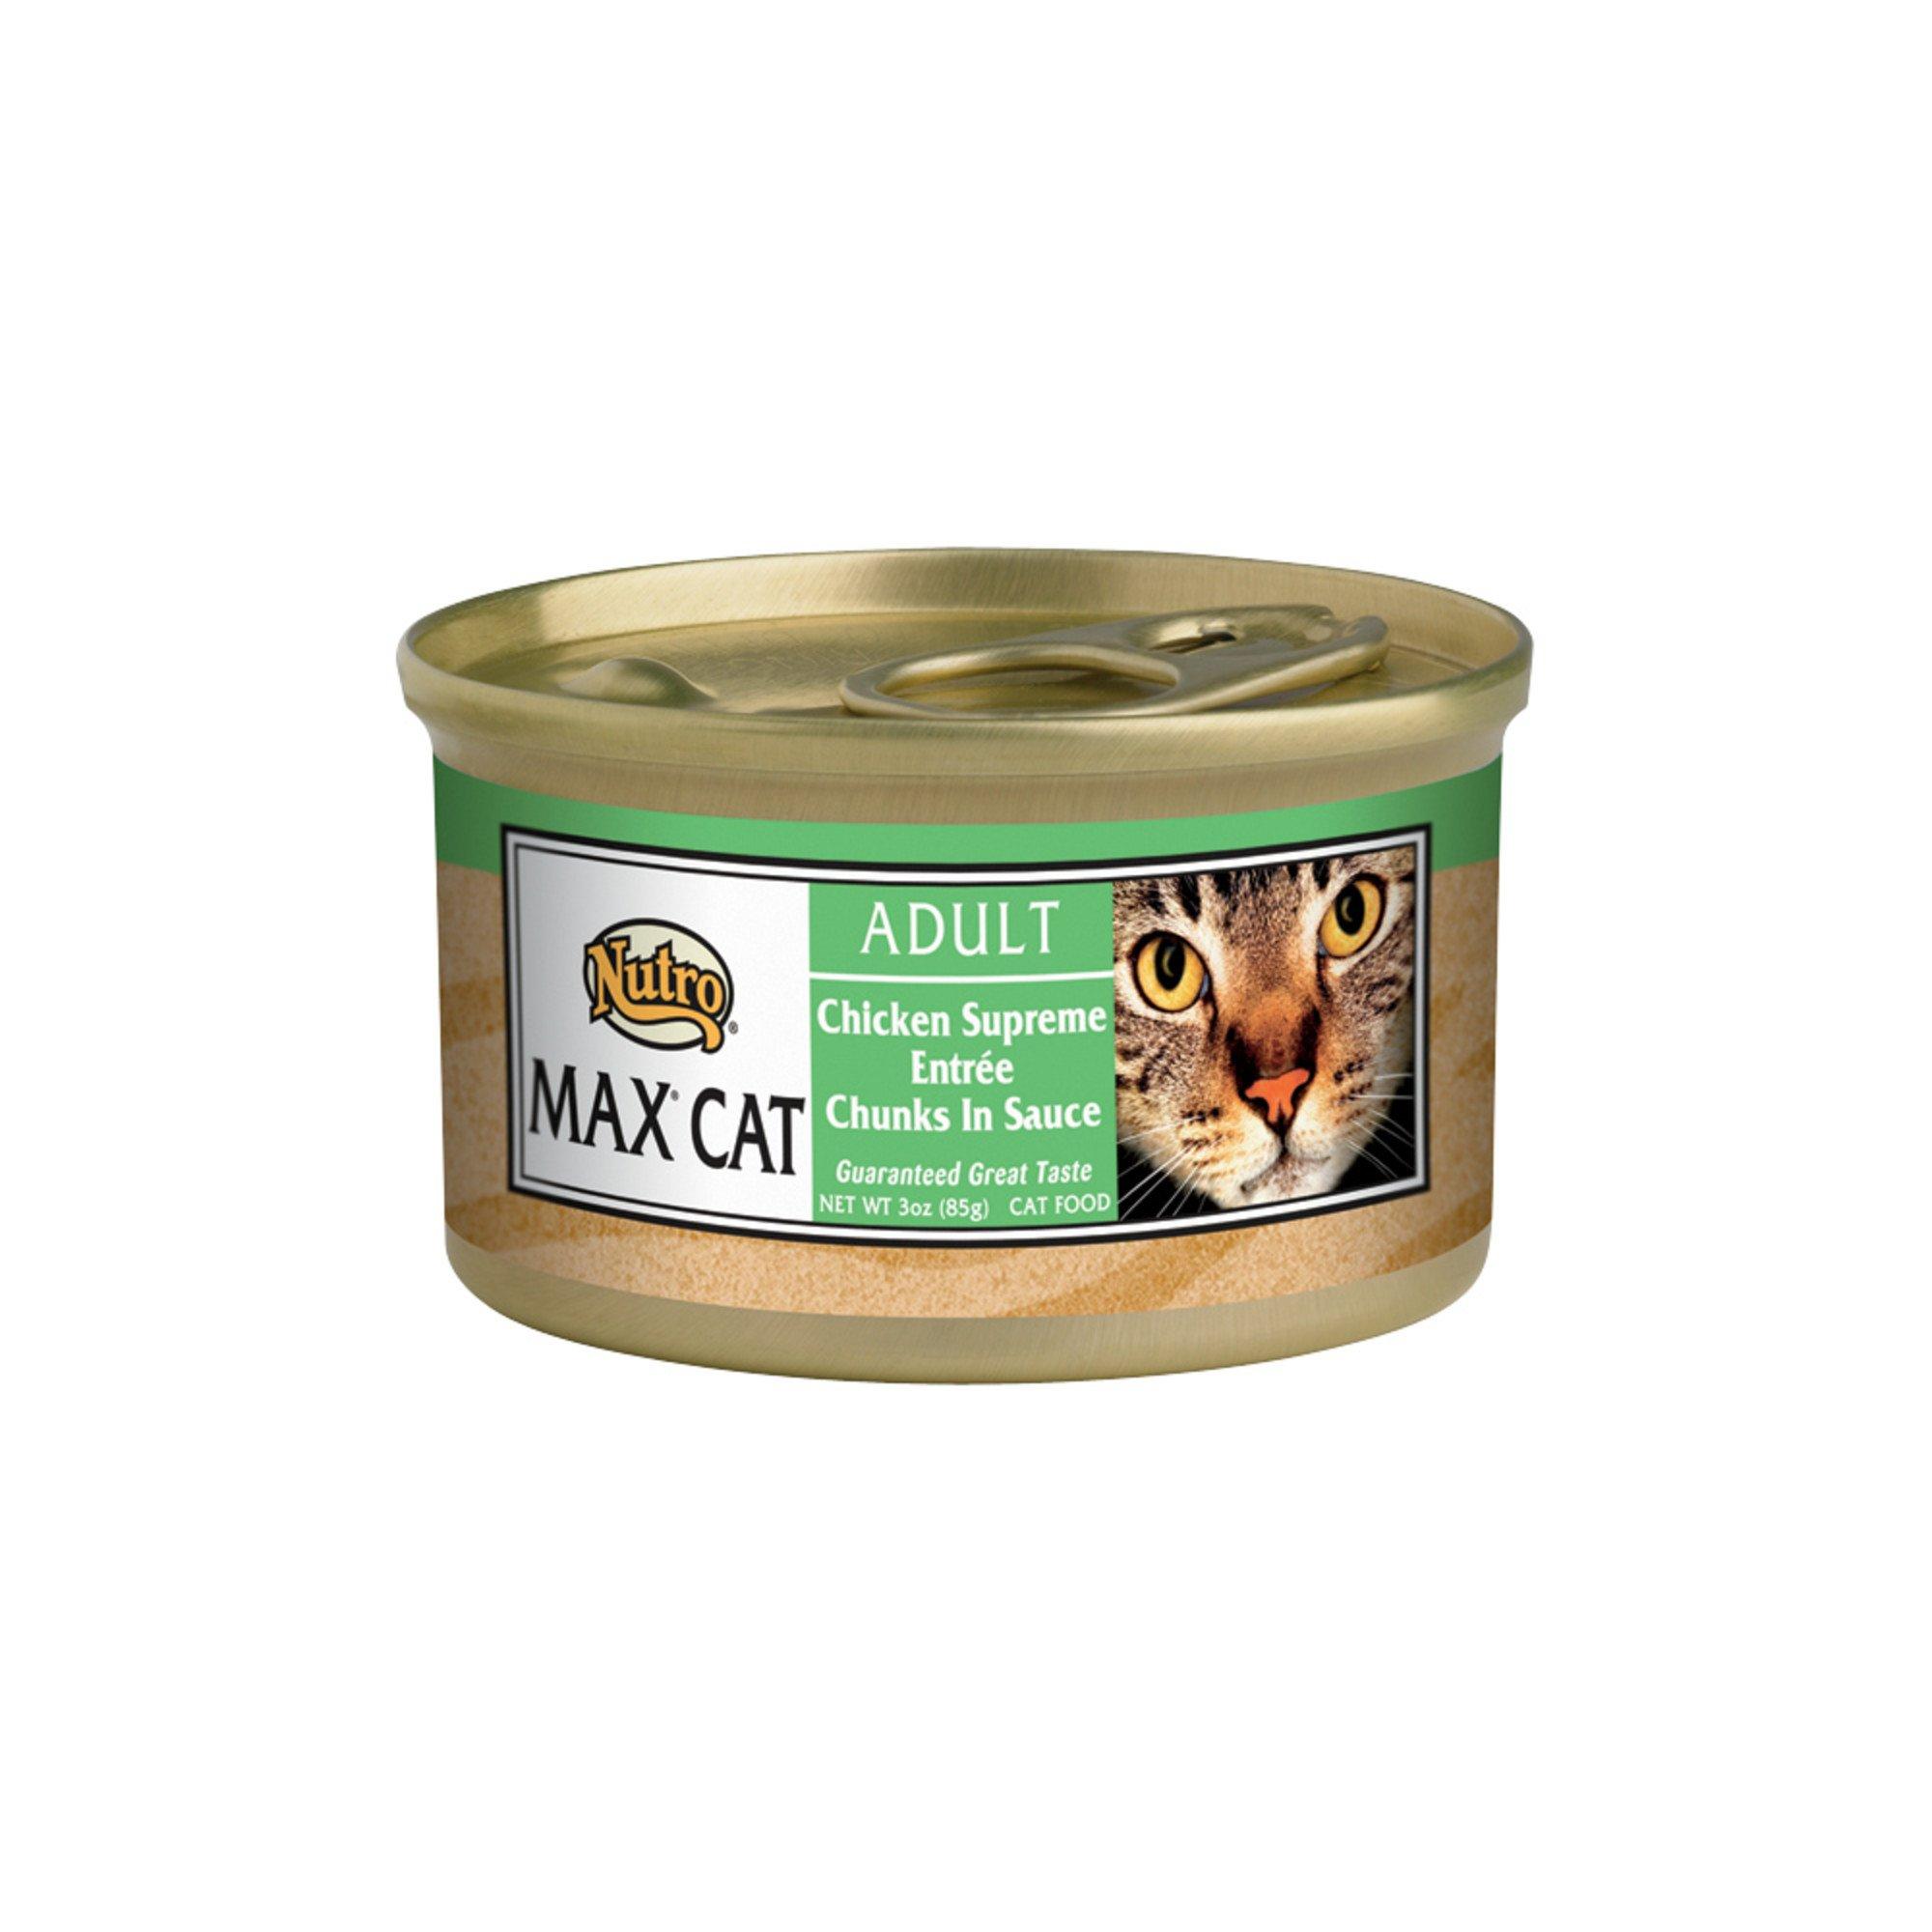 Nutro MAX CAT California Chicken Supreme Dinner Gourmet Classics Adult Cat Food